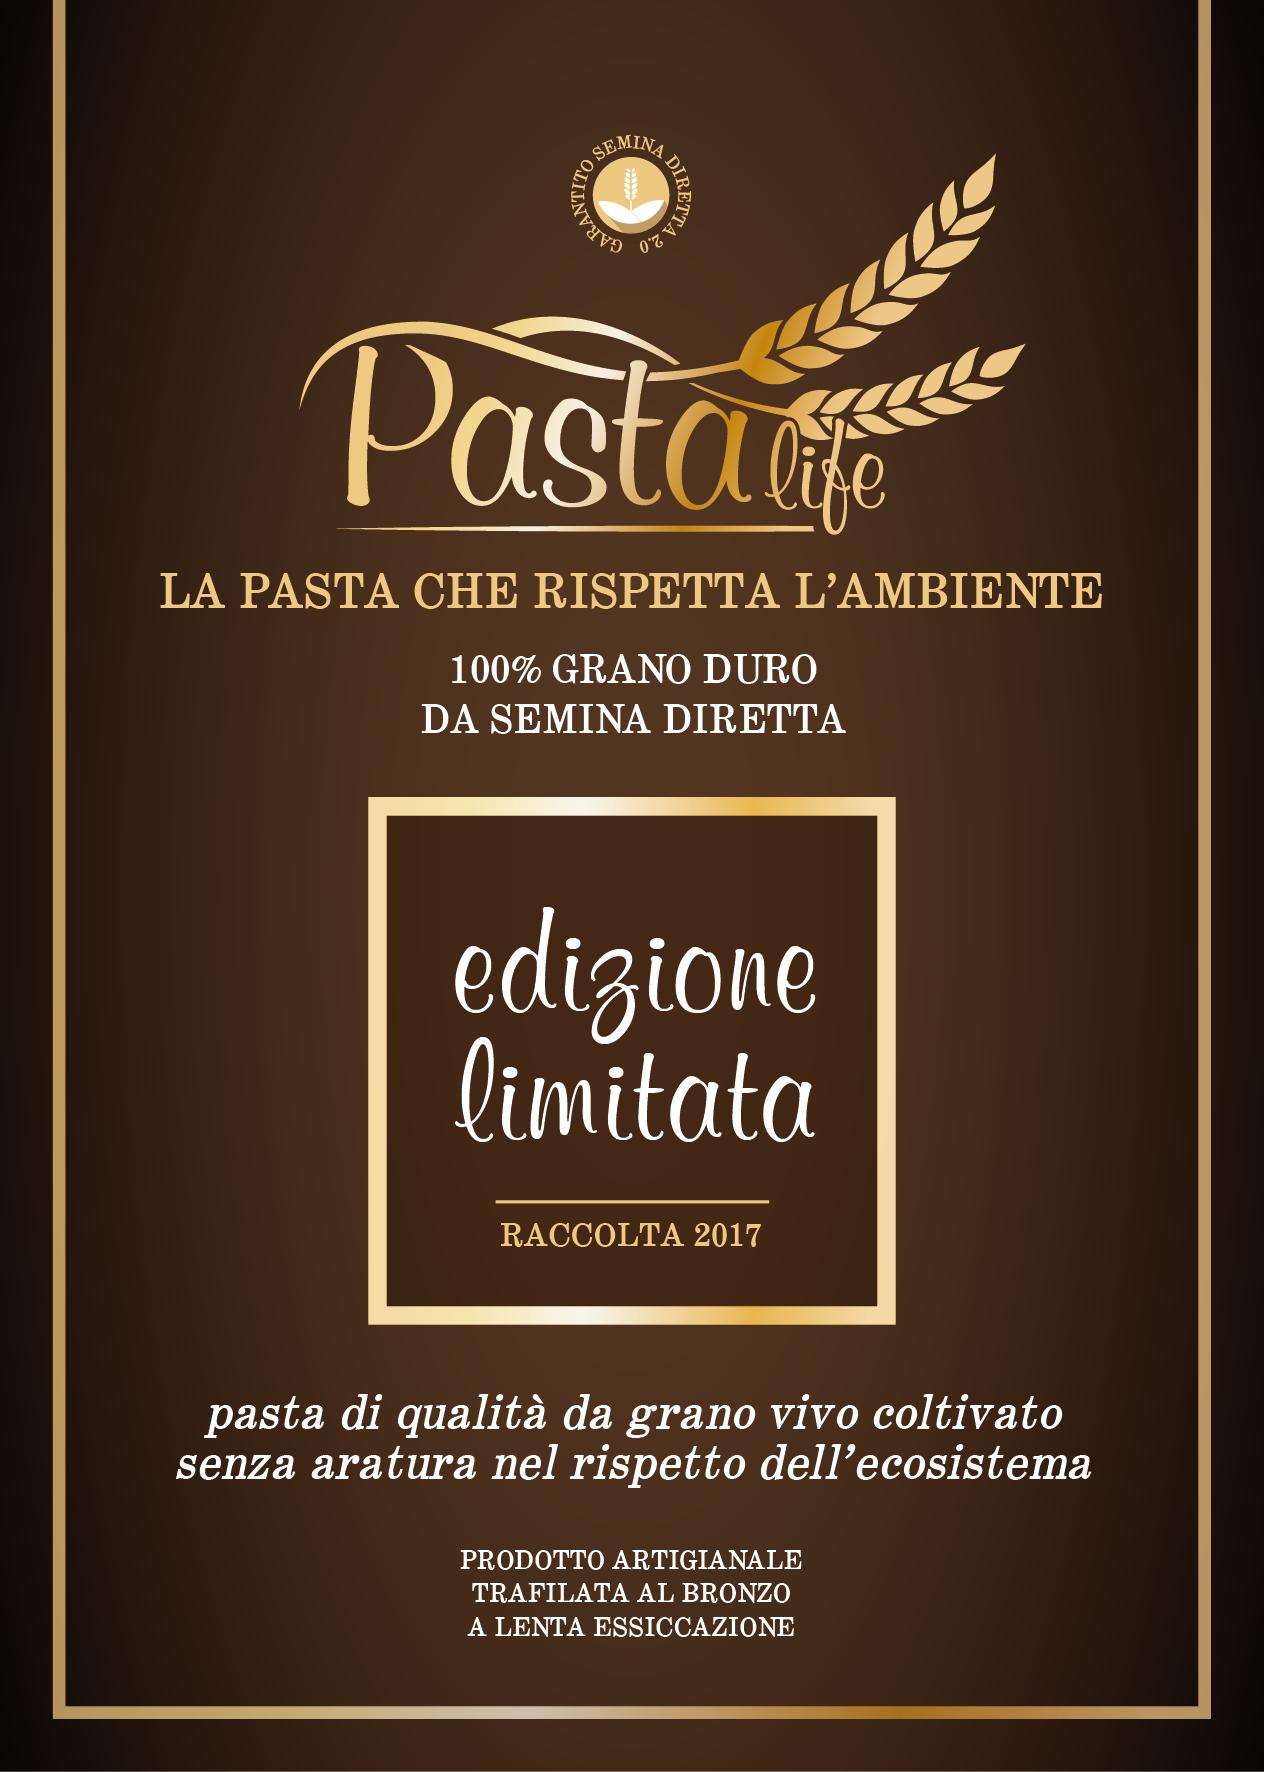 Pastalife edizione limitata semina direttasemina diretta for Chesterfield edizione limitata